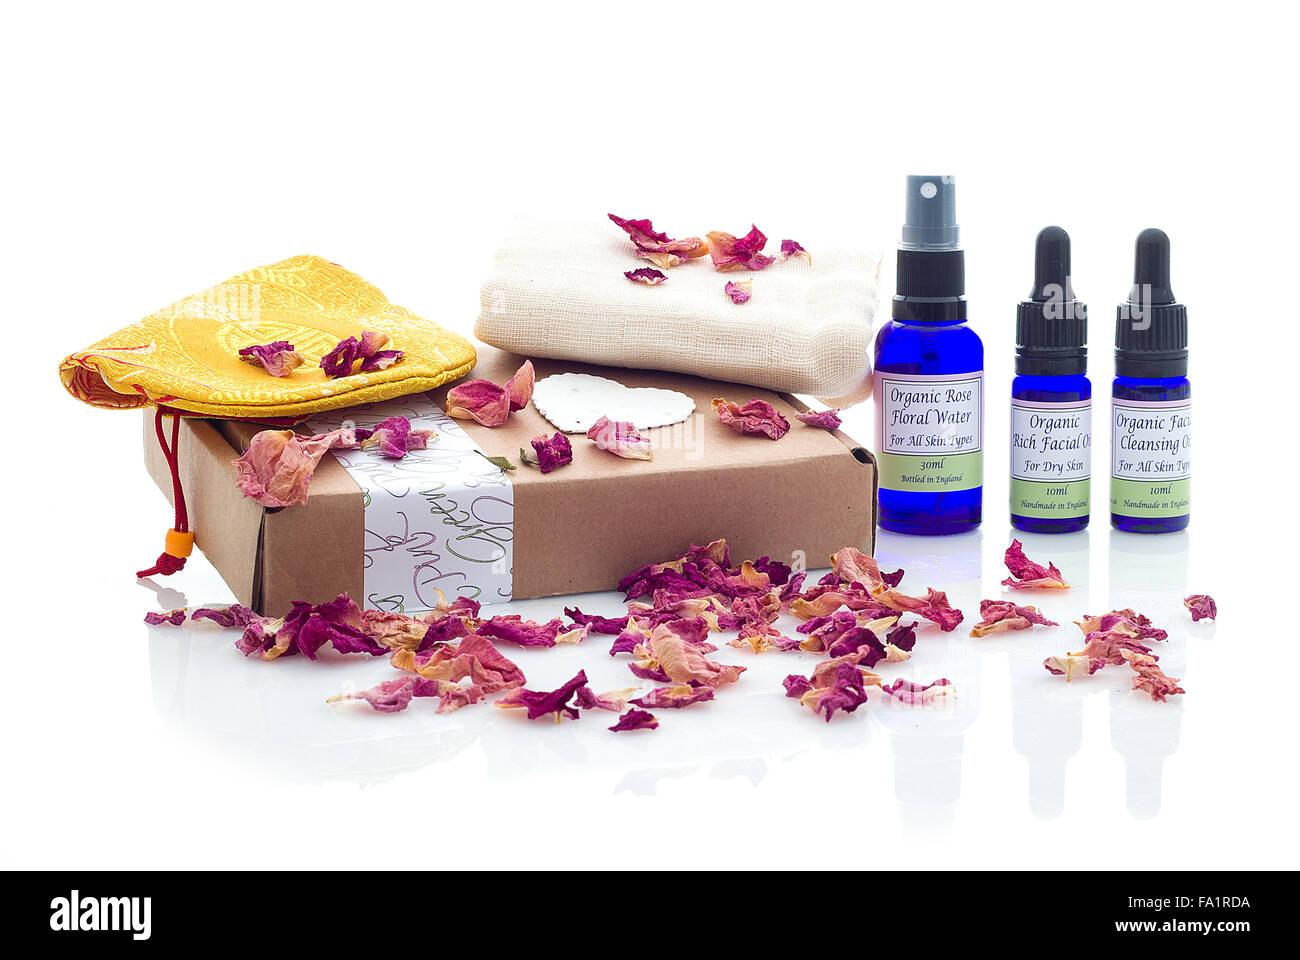 Rosa & Grün Handmade Natural Facial Hautpflege-Produkte auf einem weißen Hintergrund Stockbild